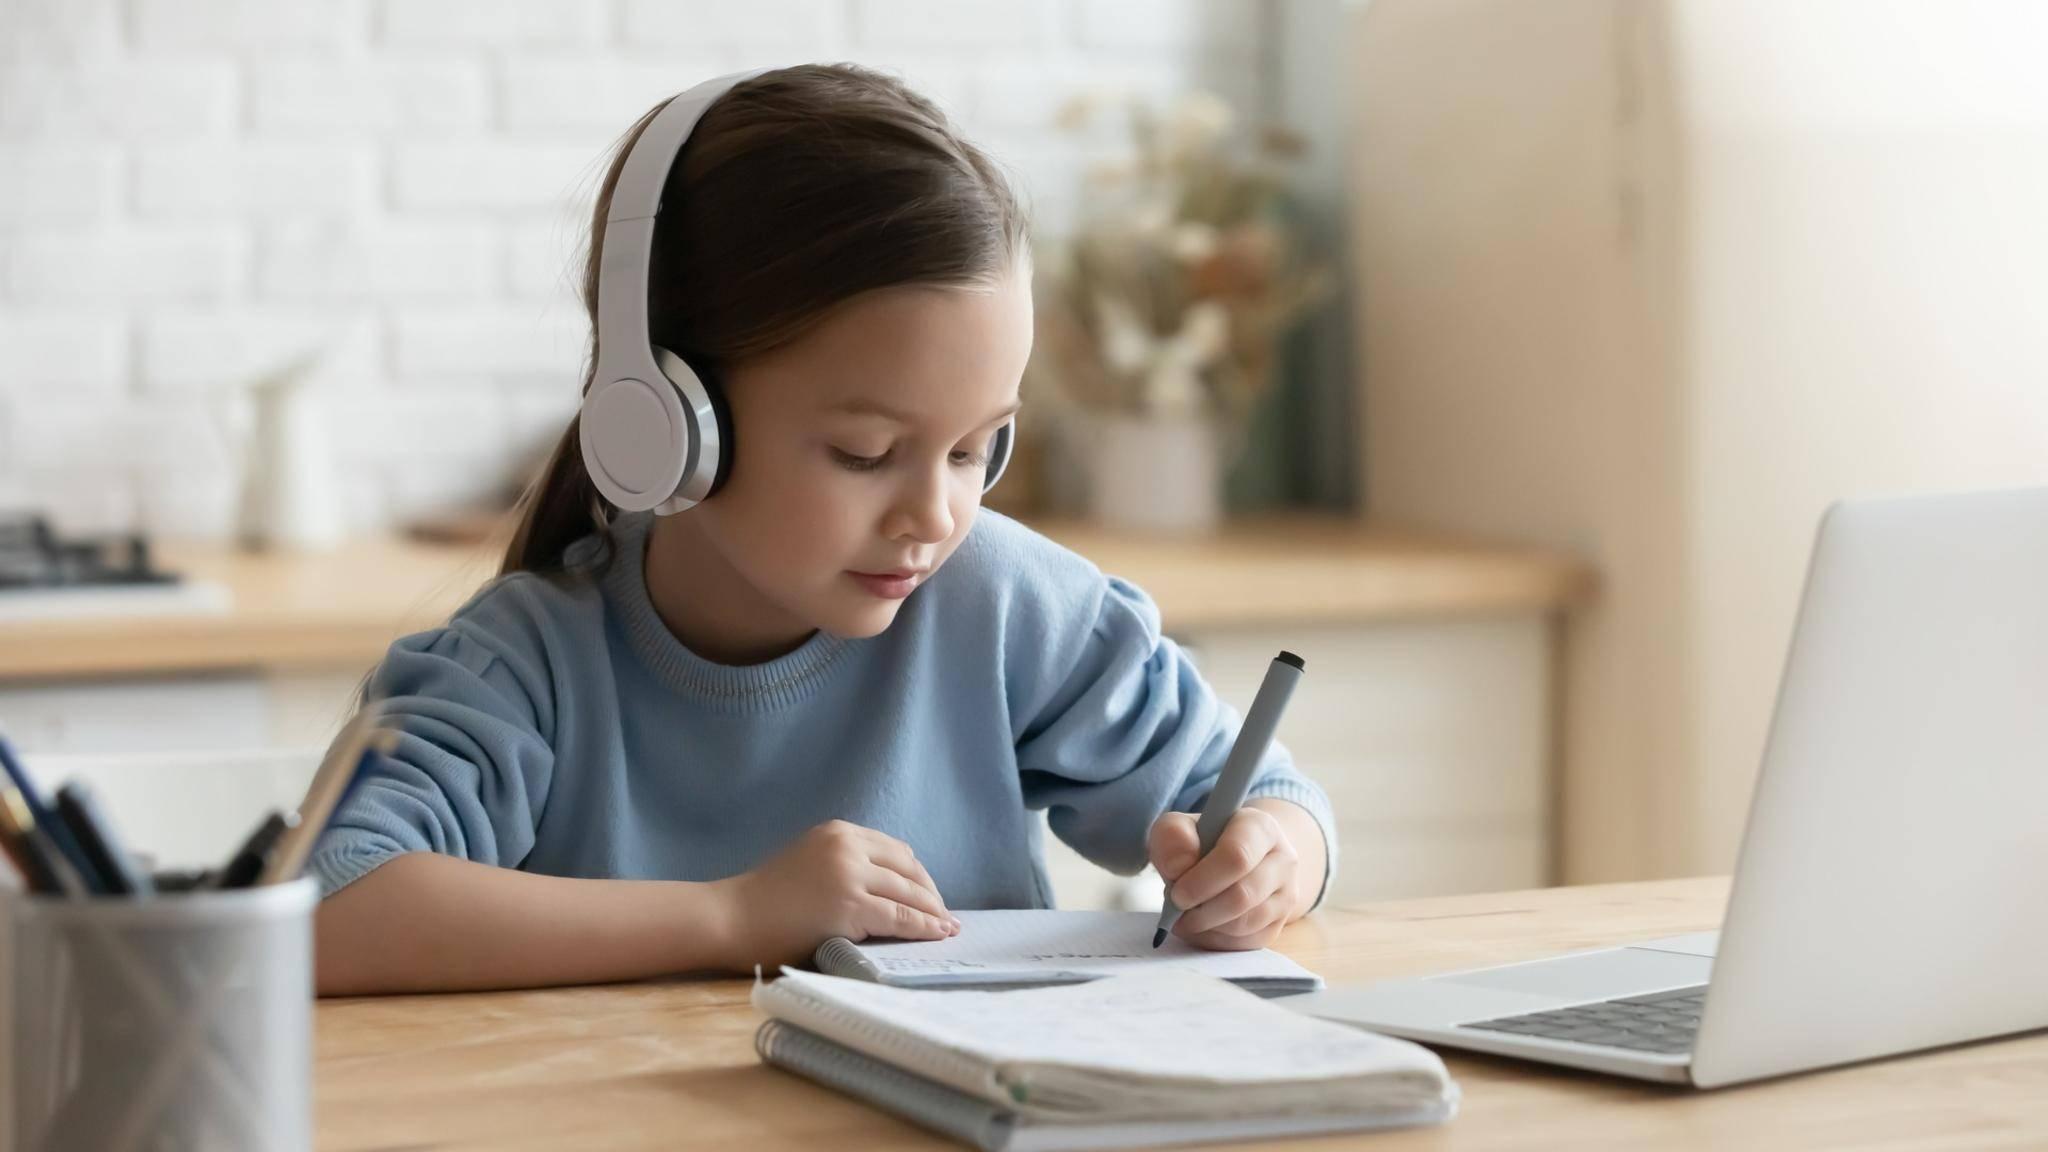 Schülerin lernt zu Hause im Home-Schooling mit Laptop